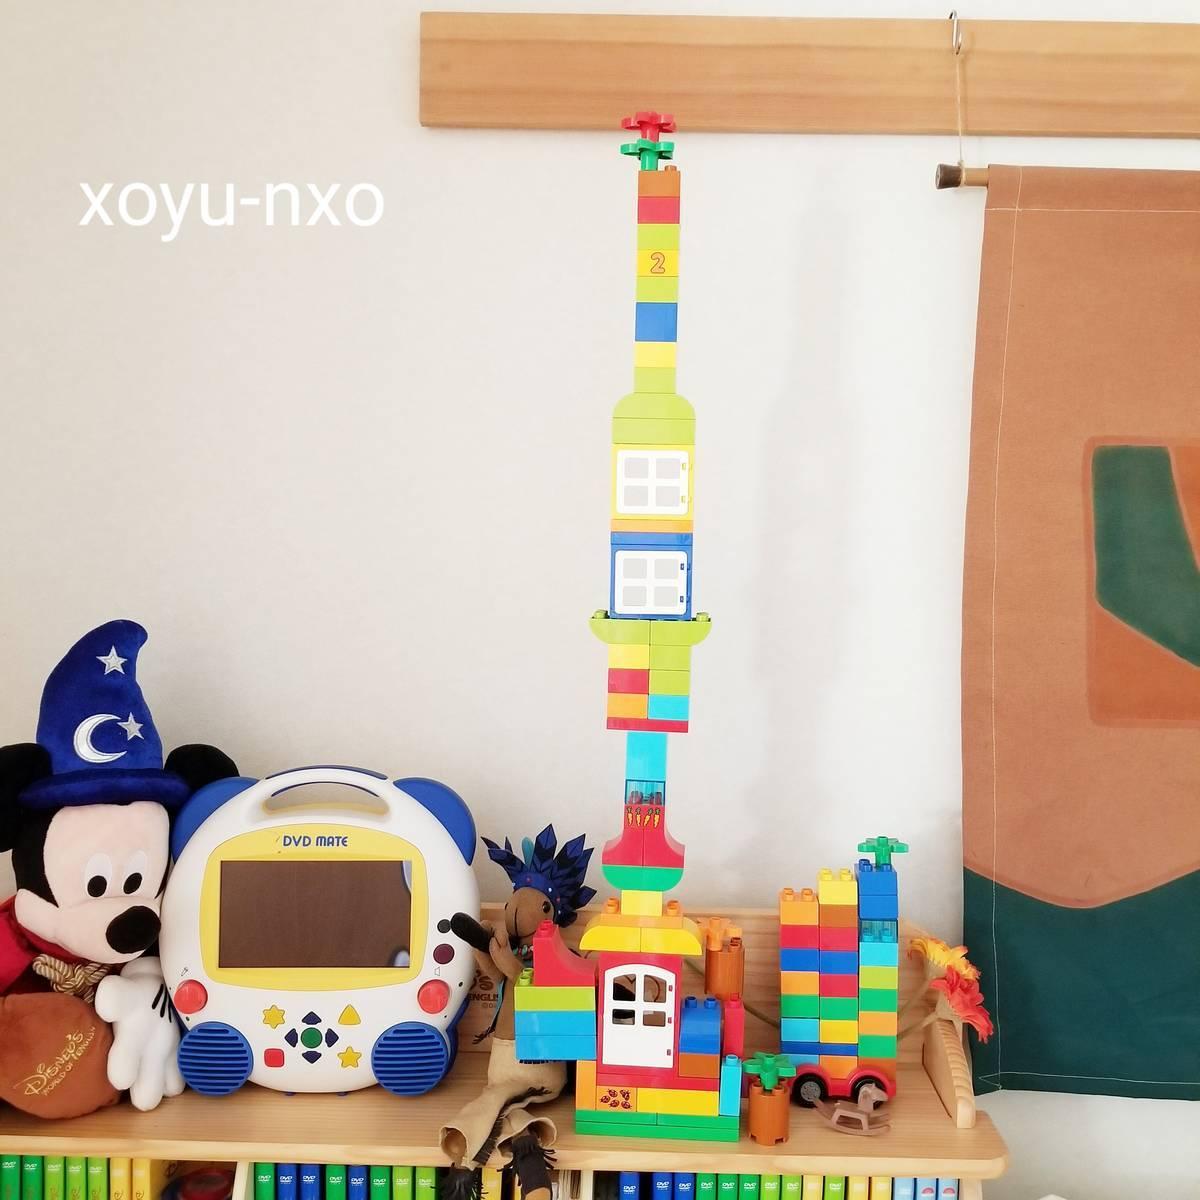 f:id:xoyu-nxo:20201211115239j:plain